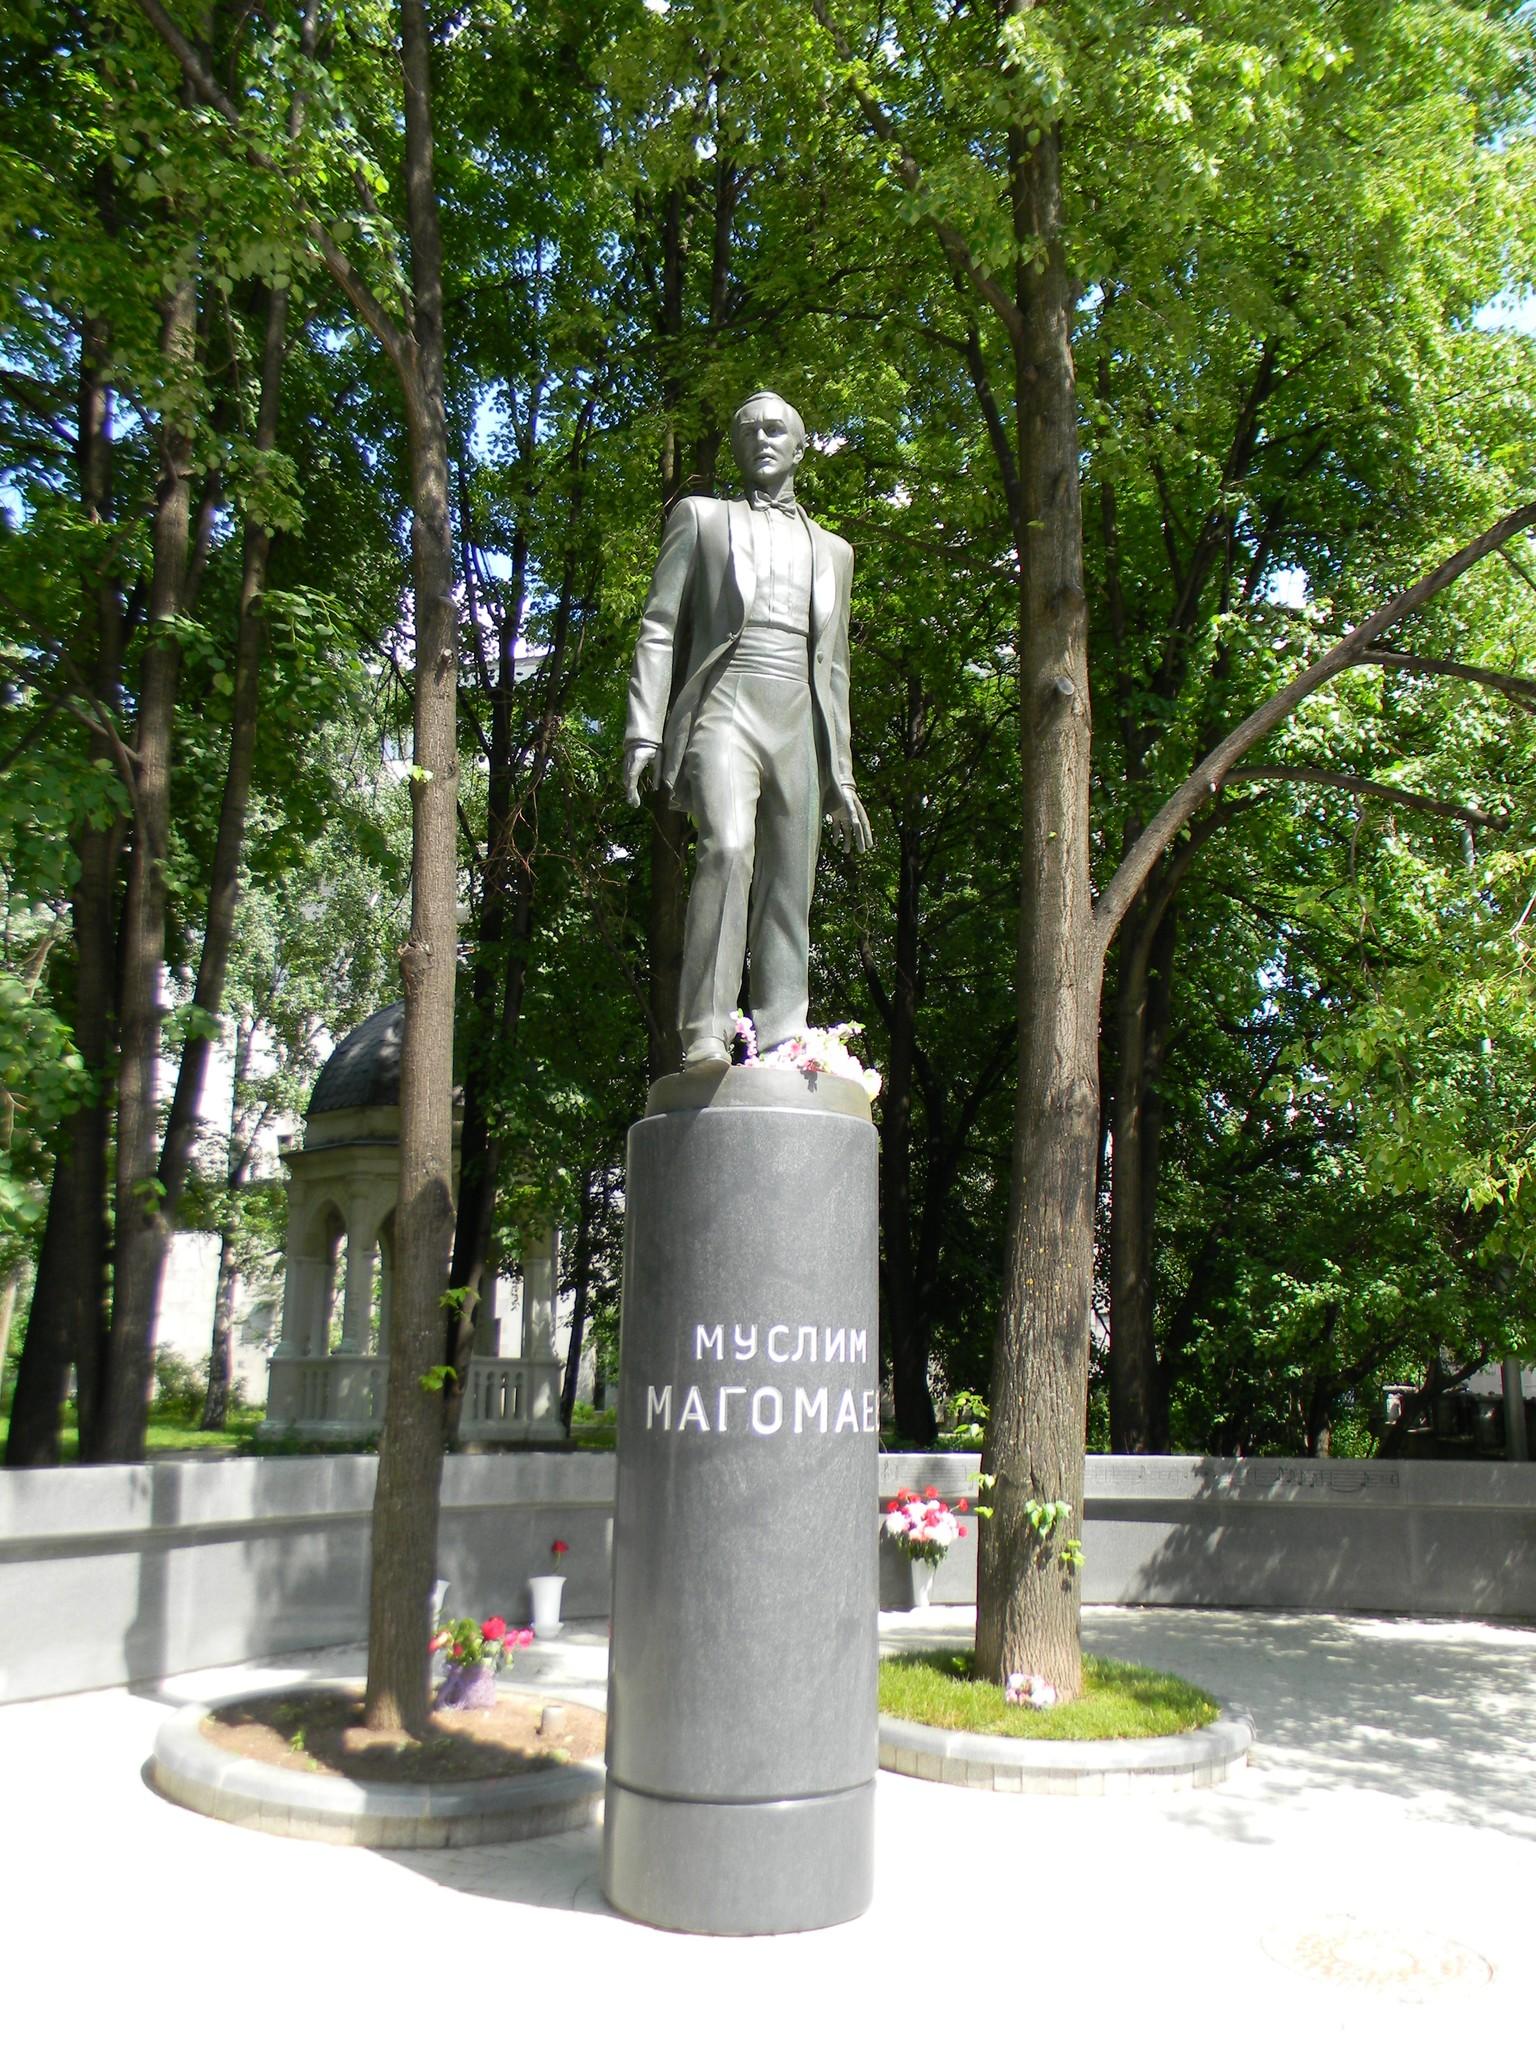 Памятник Муслиму Магомаеву в сквере по Леонтьевскому переулку, напротив здания посольства Азербайджана в Москве